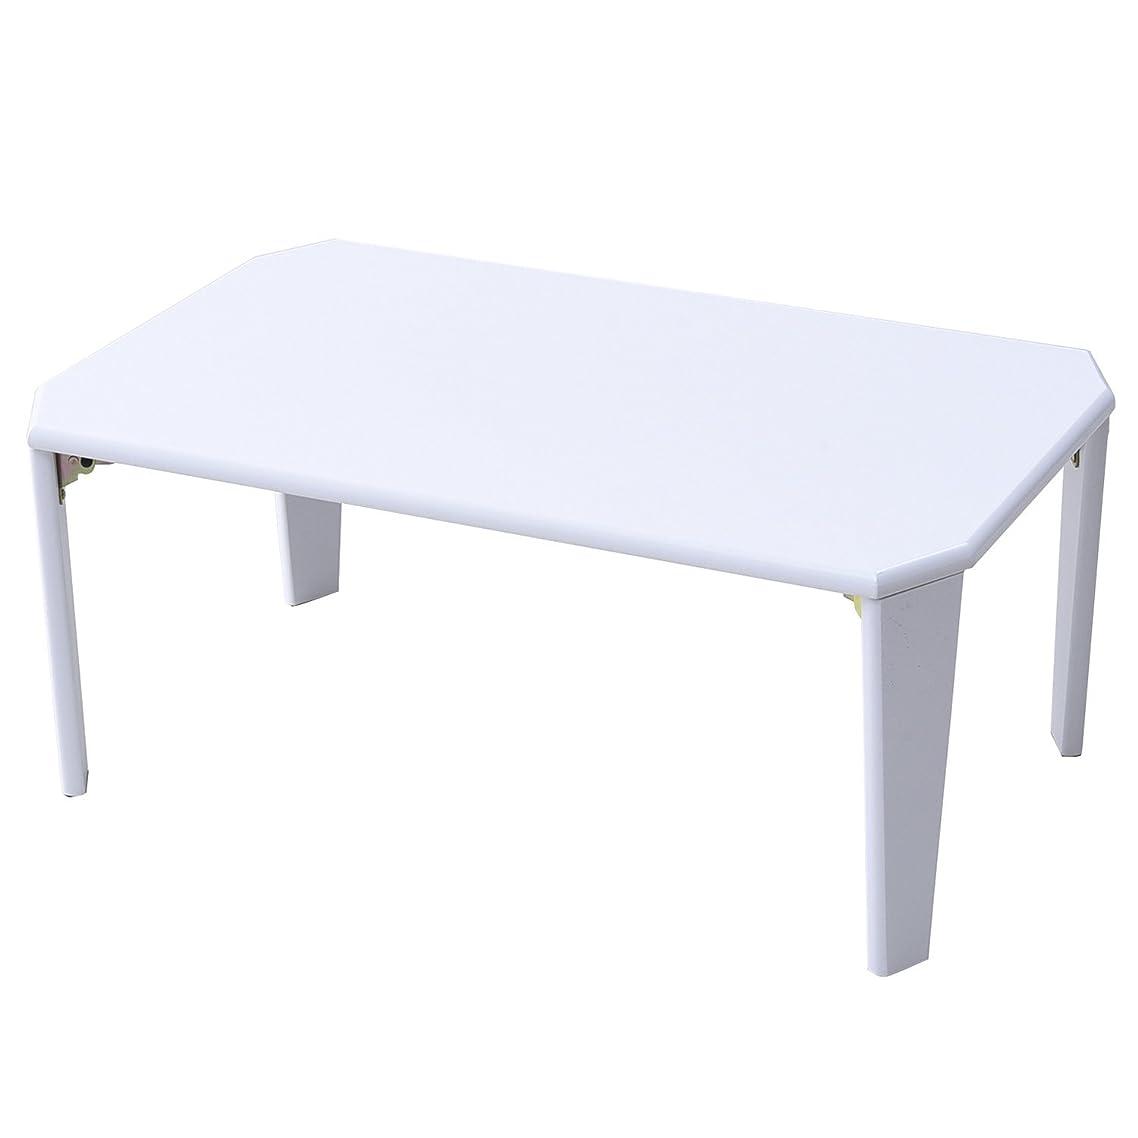 イデオロギー観客品山善(YAMAZEN)?ローテーブル 75×50 ホワイト 折れ脚 完成品 簡単仕様?TWL-7550(WH)